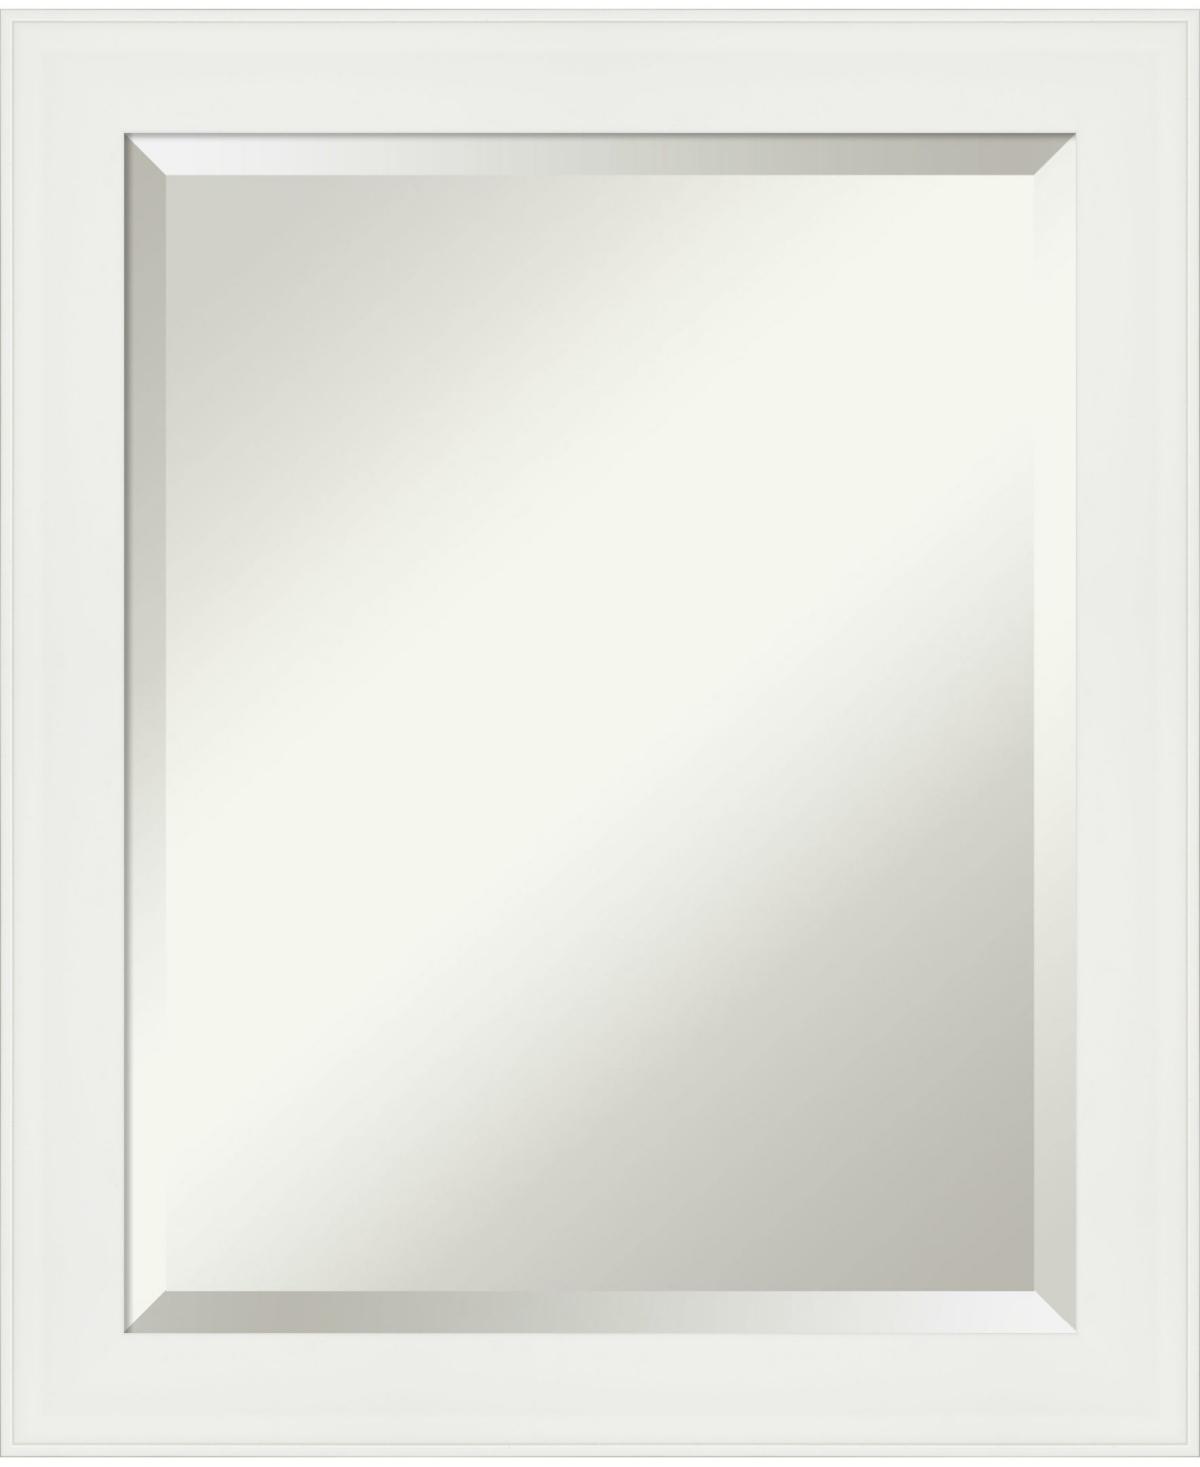 Amanti Art Vanity Framed Bathroom Vanity Wall Mirror, 19.38